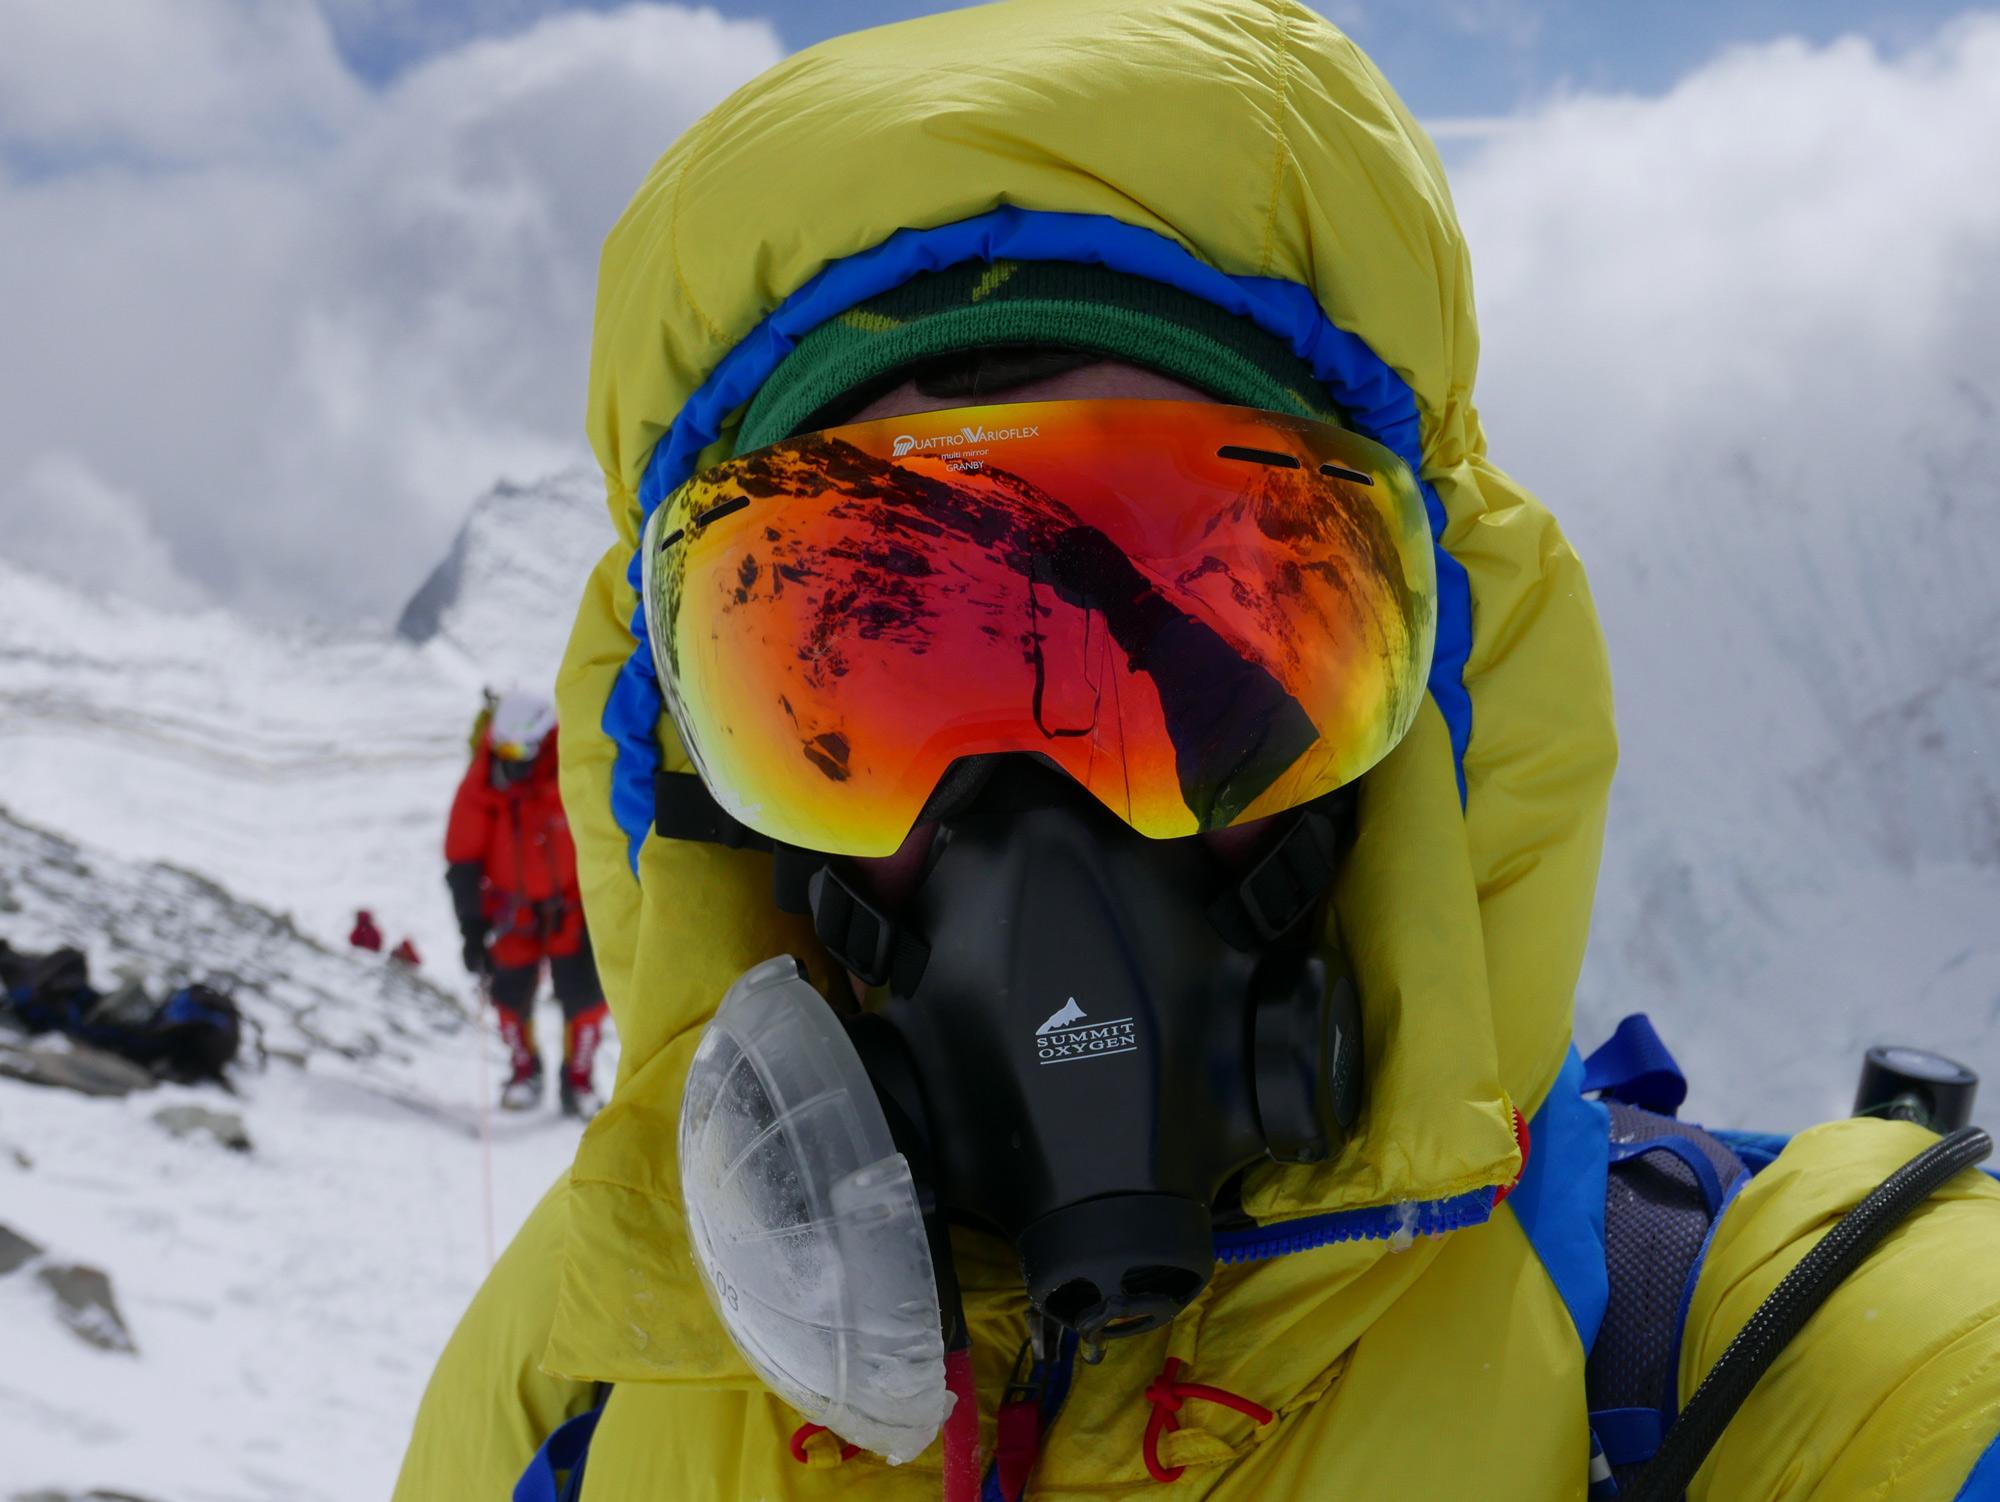 Flaschenkind. Mit moderner Sauerstoffausrüstung kann man auch bei fast 100 km/h Wind auf 8.000 m noch gut arbeiten. Foto: Lukas Furtenbach, Mai 2016 am Everest Südsattel. I bergundsteigen.blog